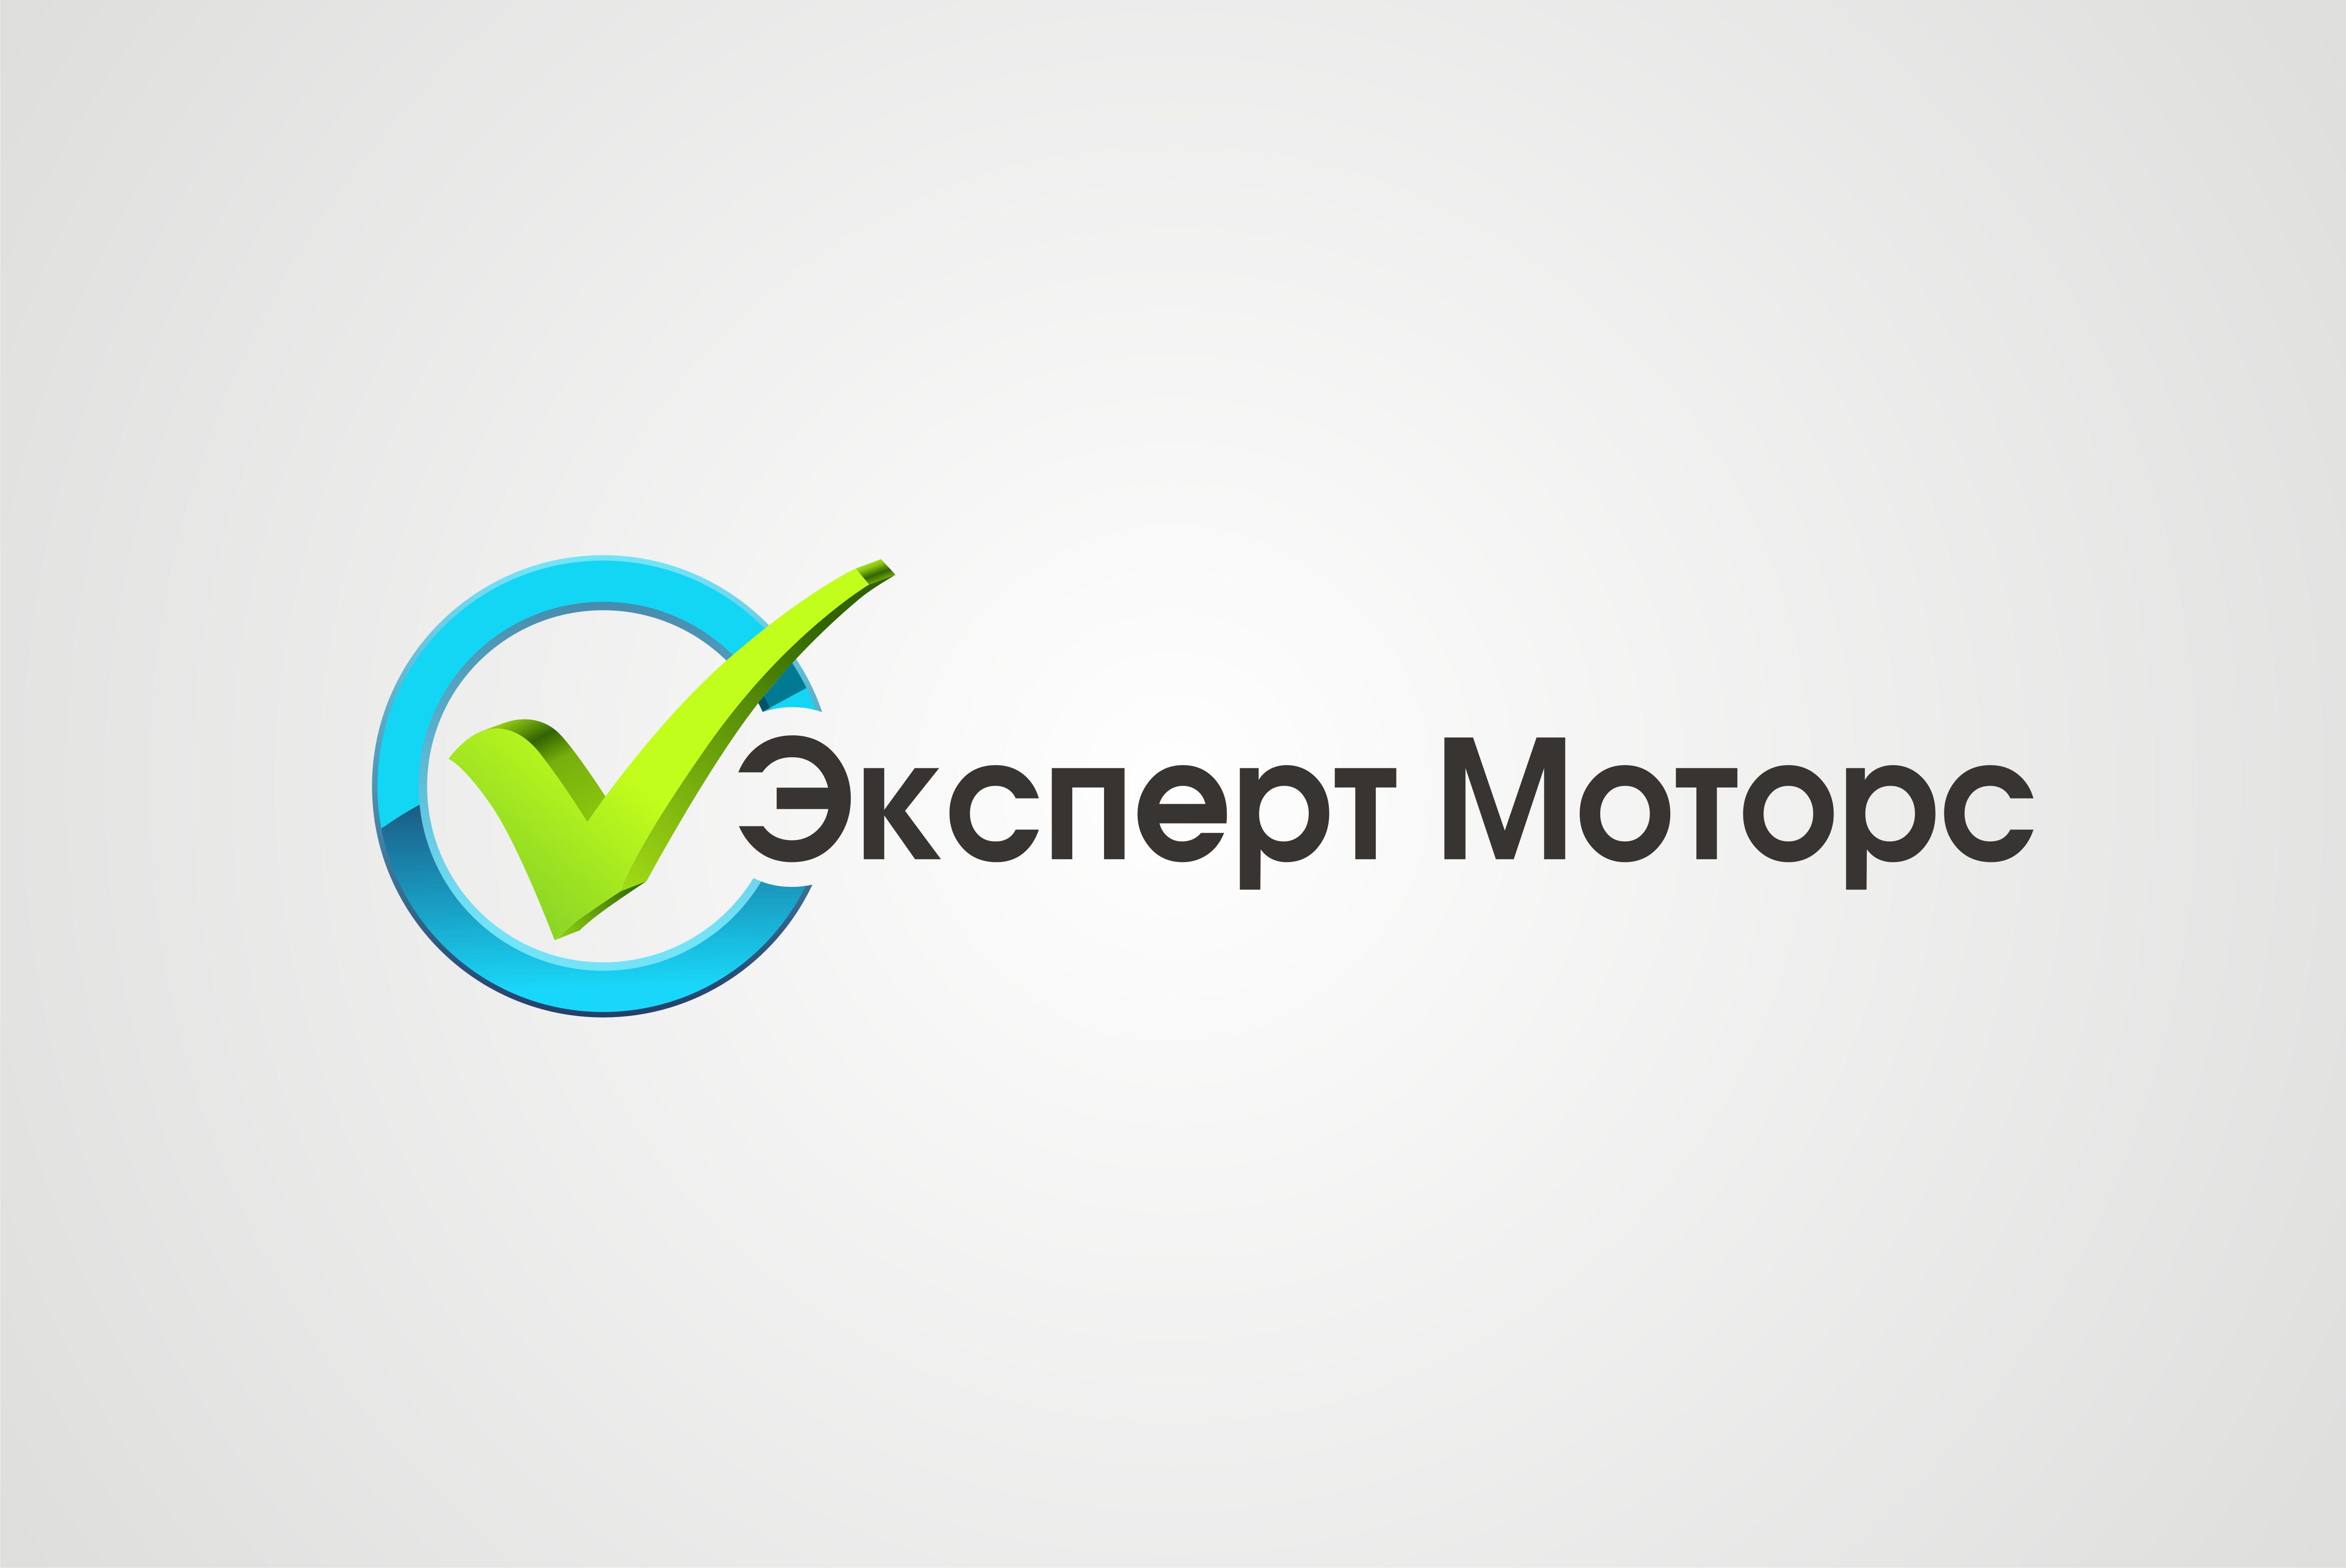 Эксперт Моторс, ,  Таганрог